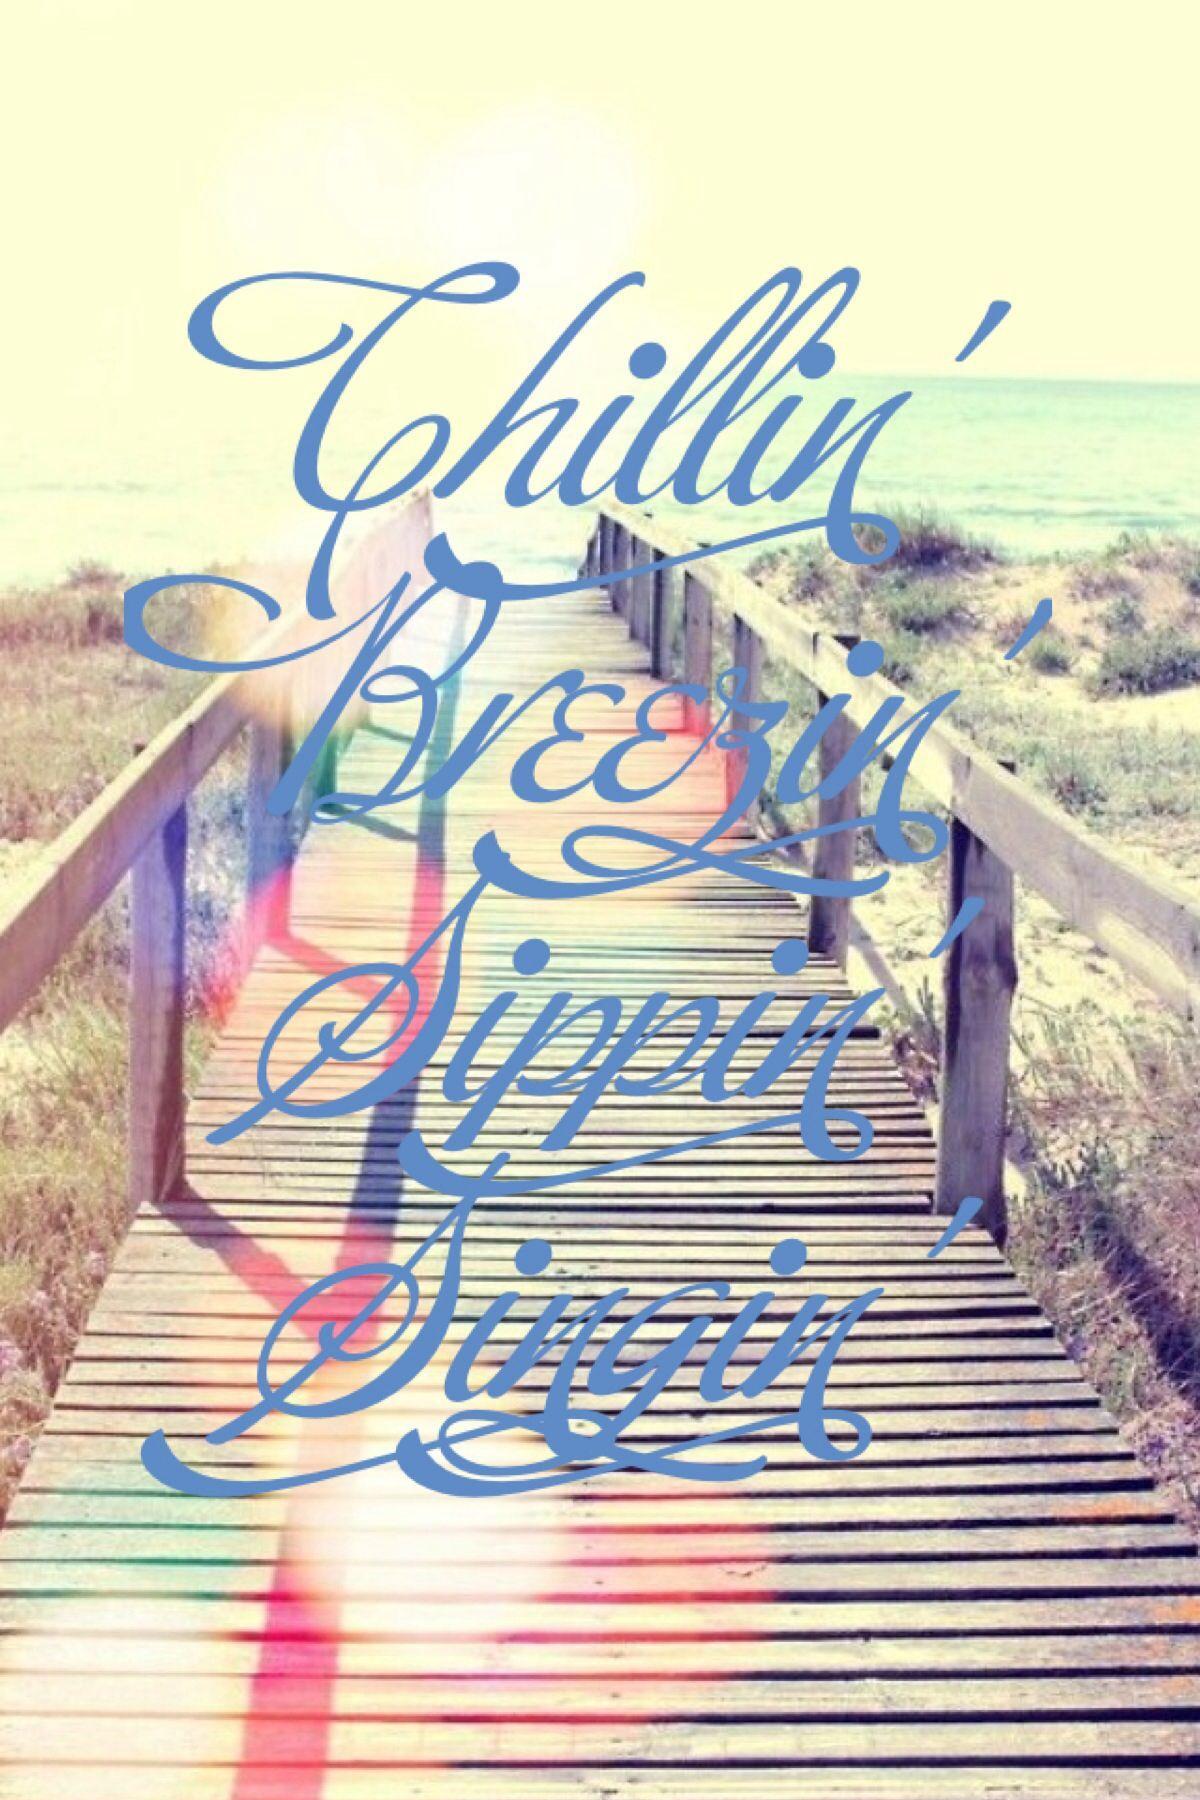 Chillin\' breezin\' sippin\' singin\'... Beachin\' by Jake Owen ...